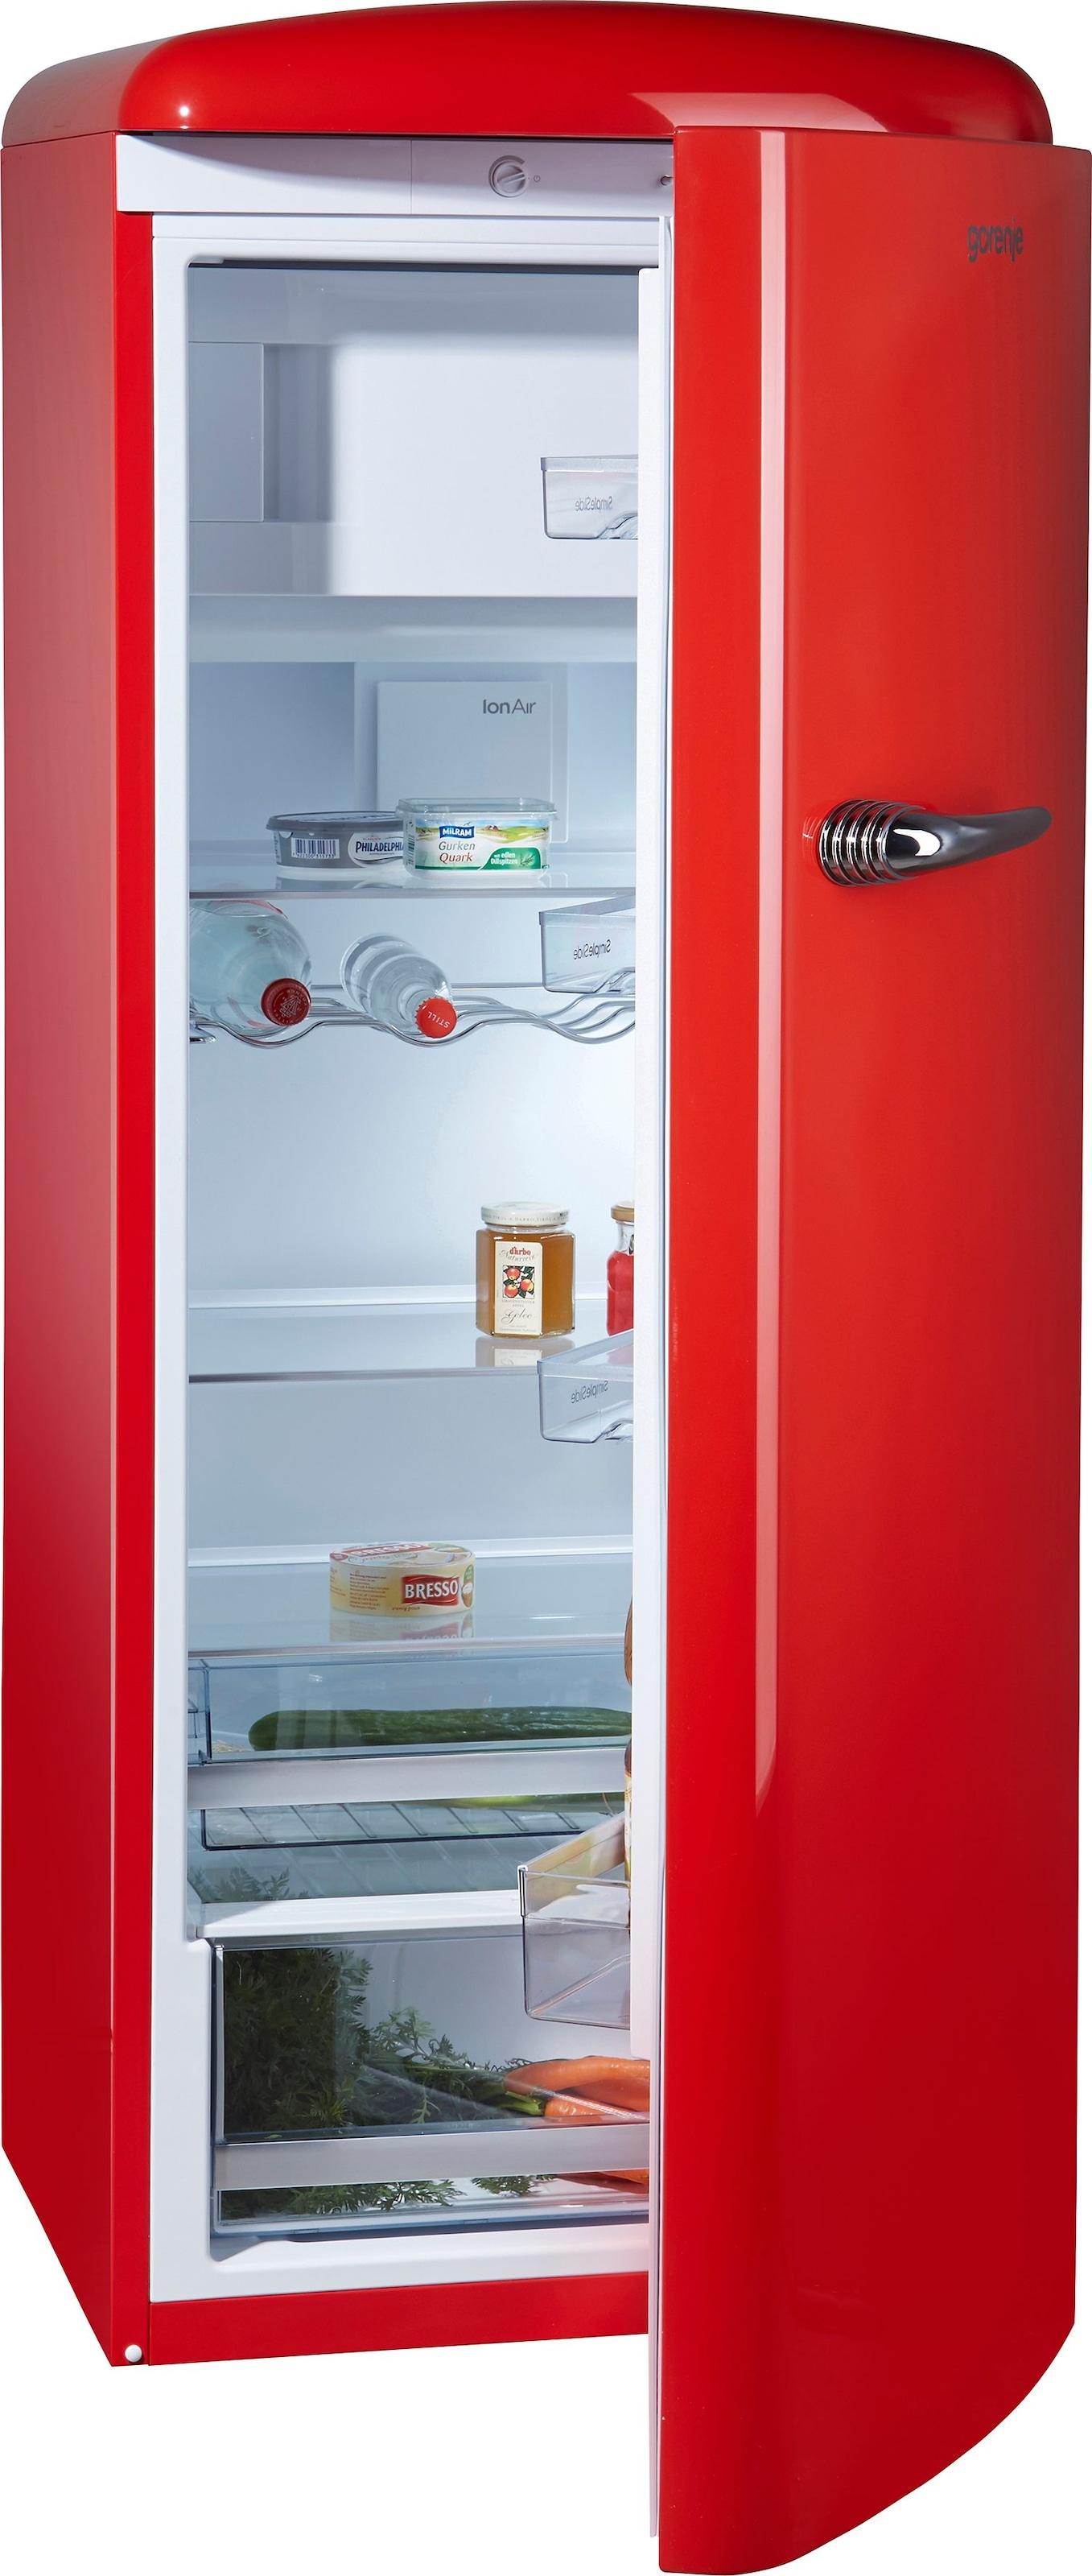 Gorenje Kühlschrank Tür Schliesst Nicht : Gorenje kühlschrank orb rd a cm hoch baur